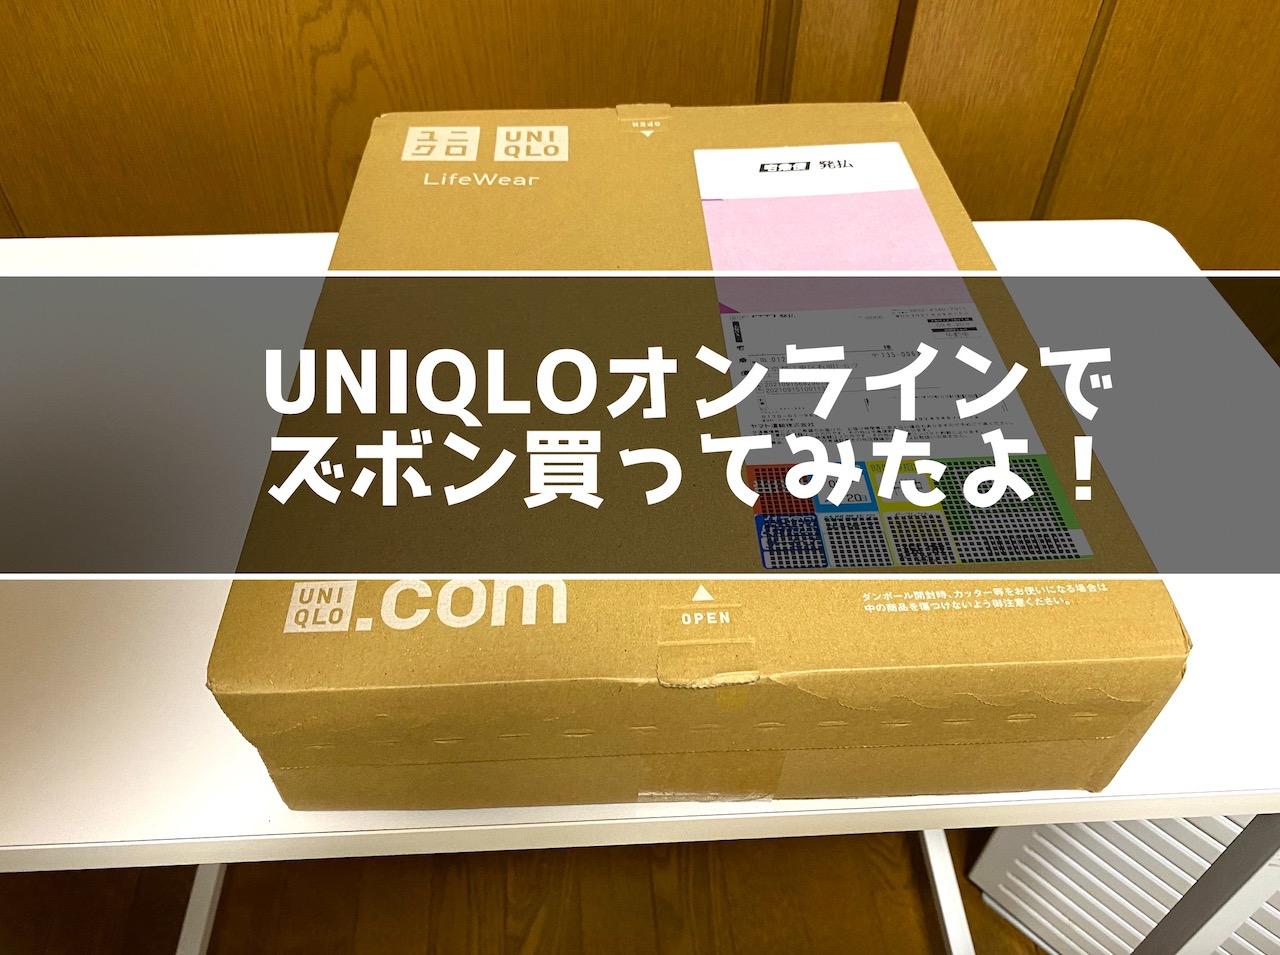 uniqloオンラインでズボン購入レビュー!